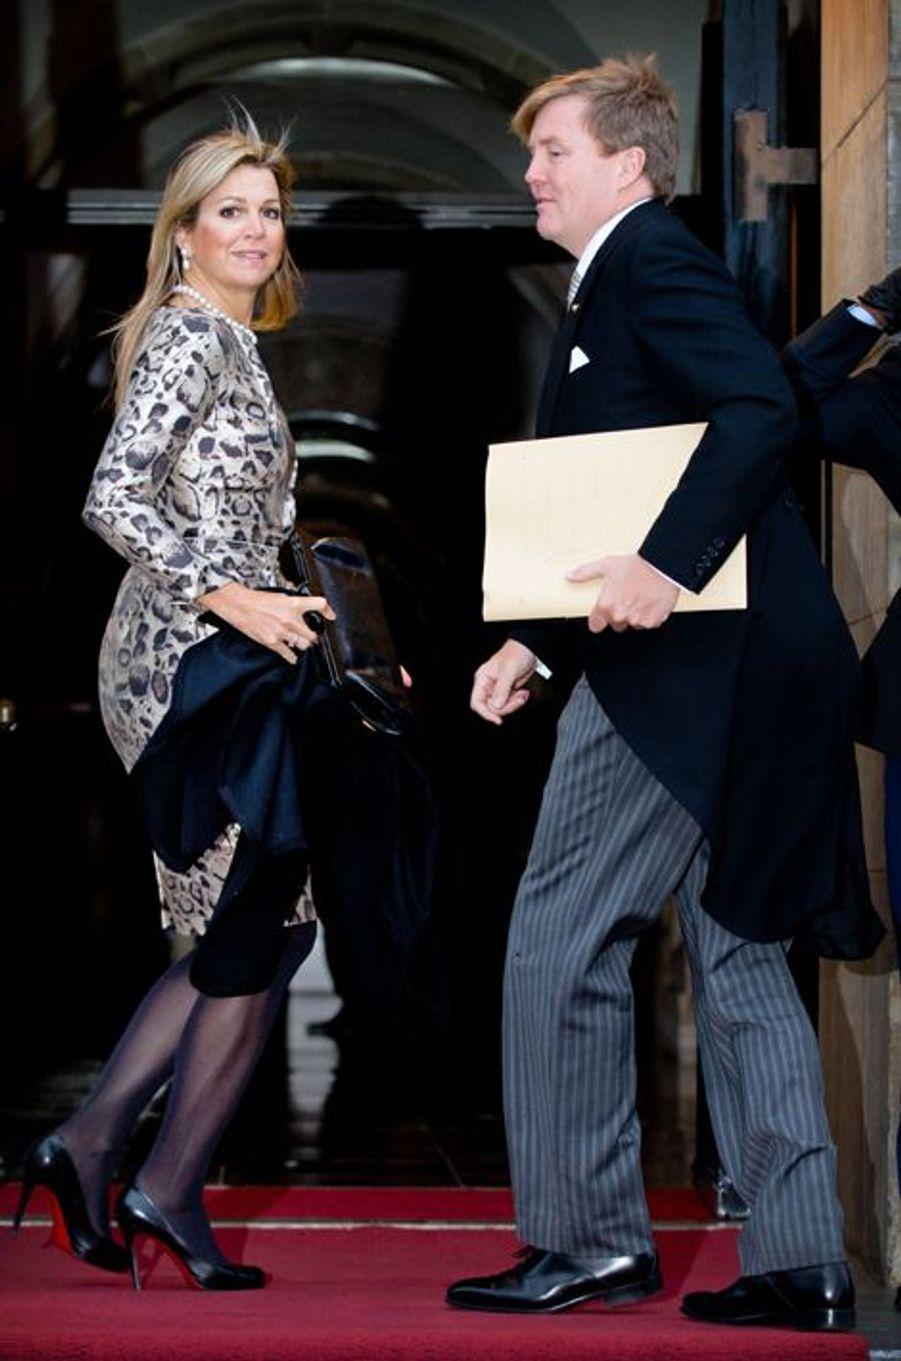 La reine Maxima des Pays-Bas, avec son époux le roi Willem-Alexander, le 14 janvier 2015